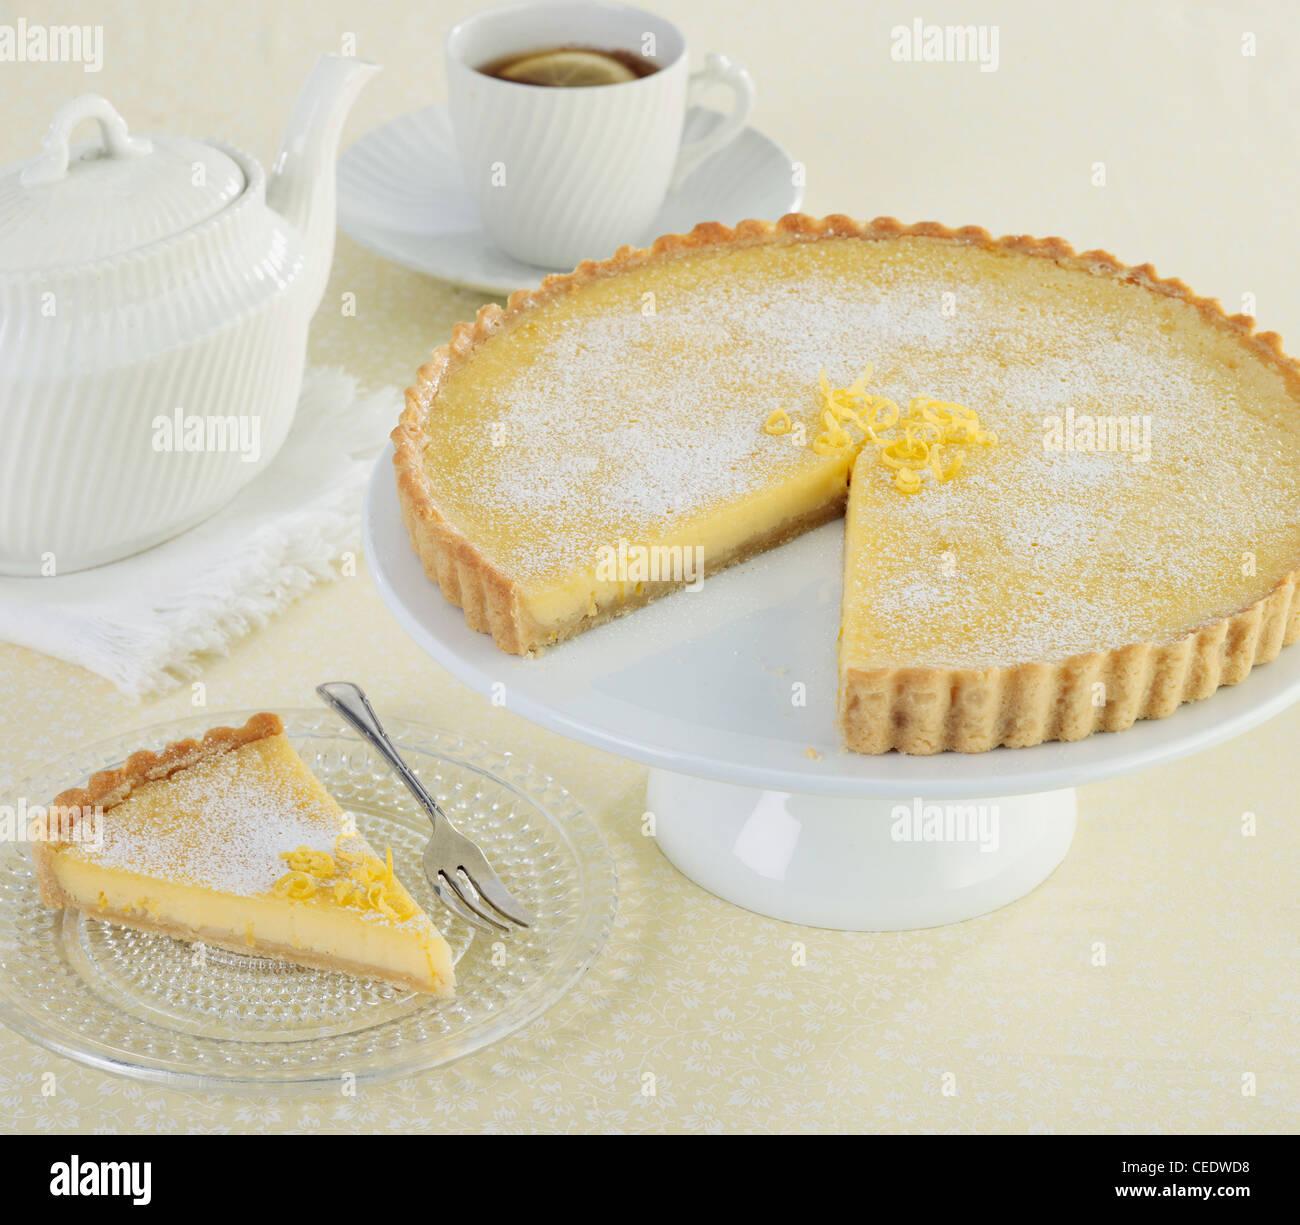 Tarte au citron, lemon tart - Stock Image